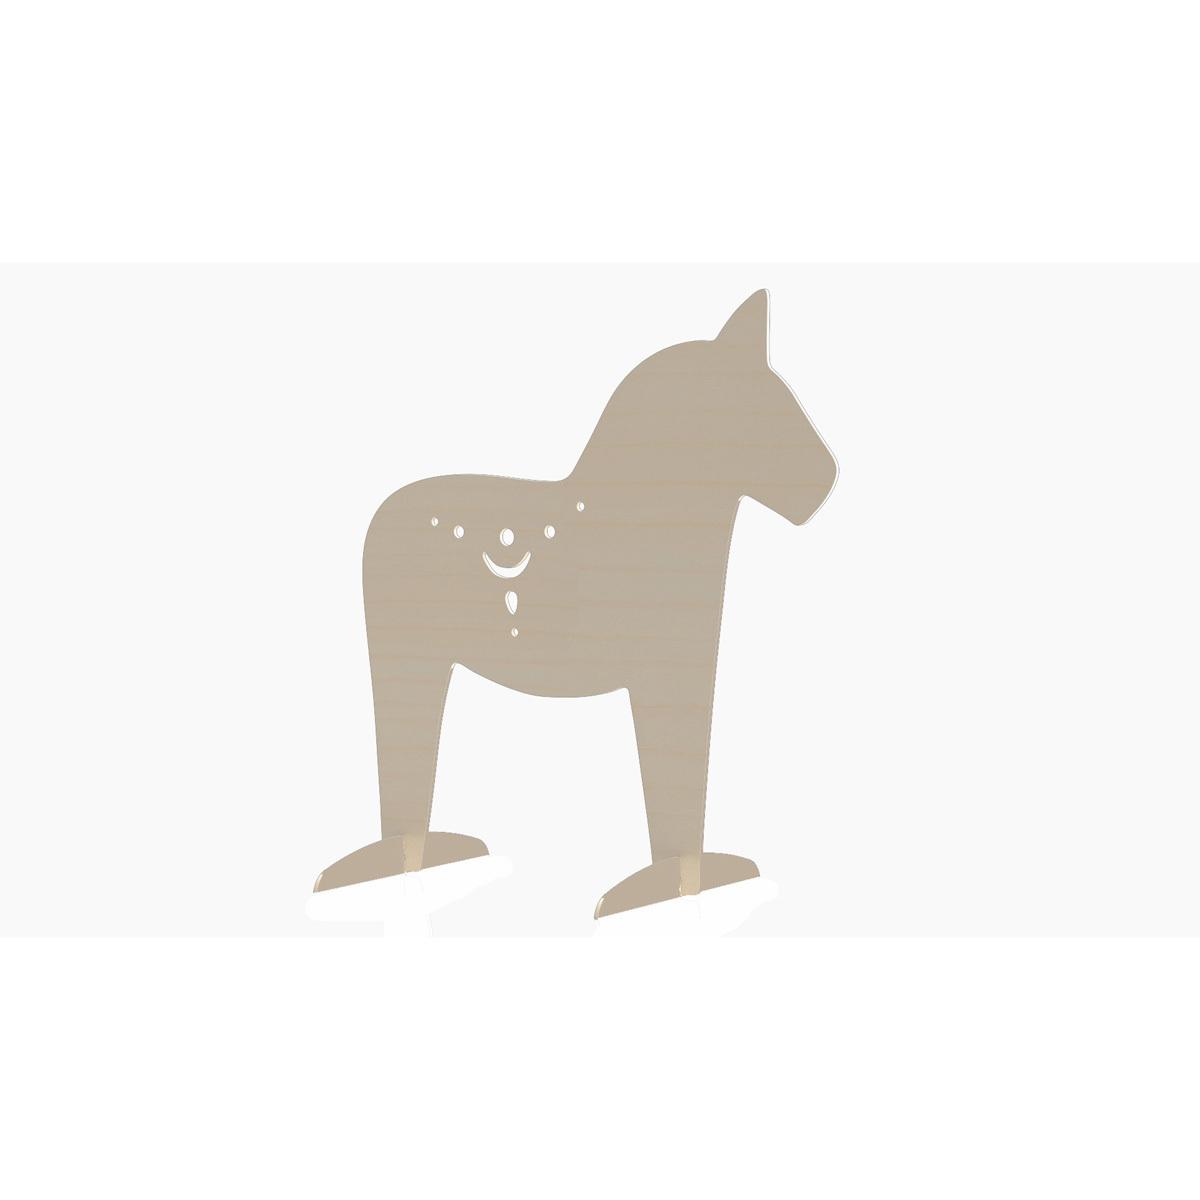 Bj rka design s parateur de chambre cheval objet d coration bj rka design sur l 39 armoire de b b for Separateur de chambre